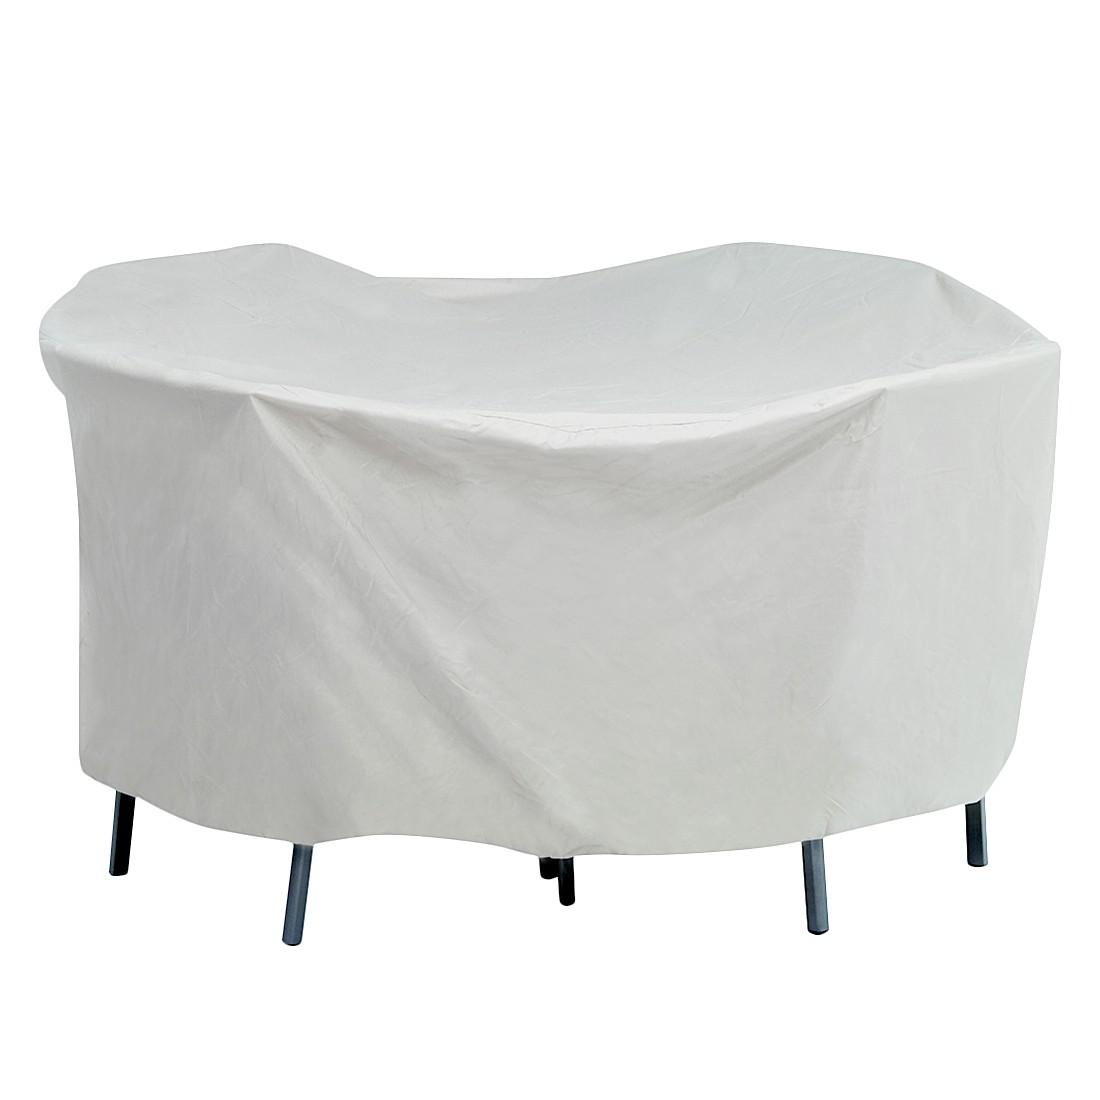 Schutzhülle für Sitzgruppe I – 180 x 180 cm – rund, Stern Garten- & Freizeitmöbel kaufen